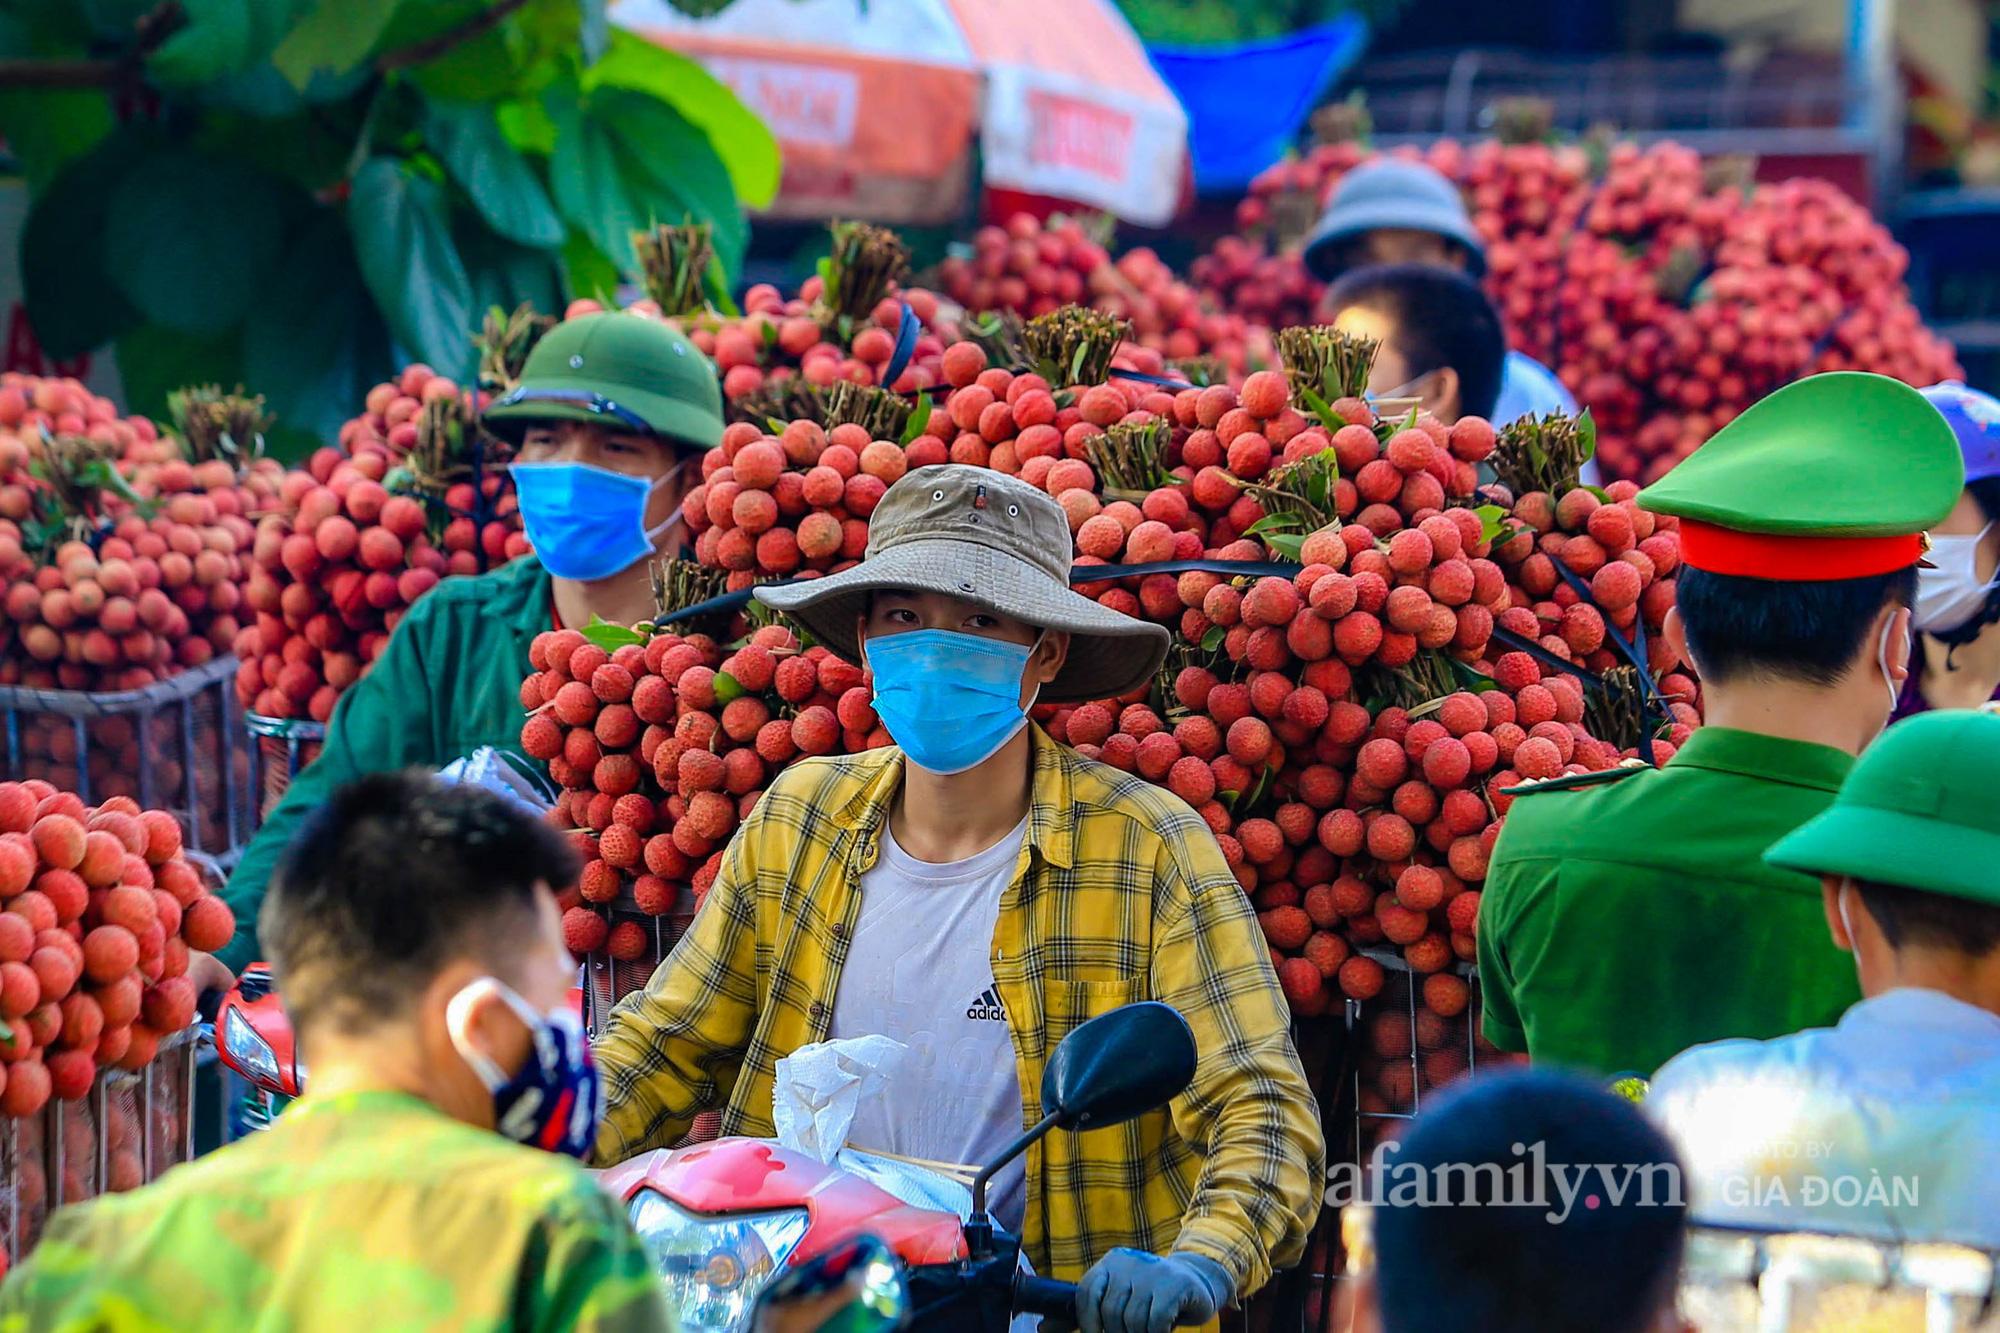 Chợ vải Bắc Giang nhộn nhịp vào mùa - Ảnh 8.